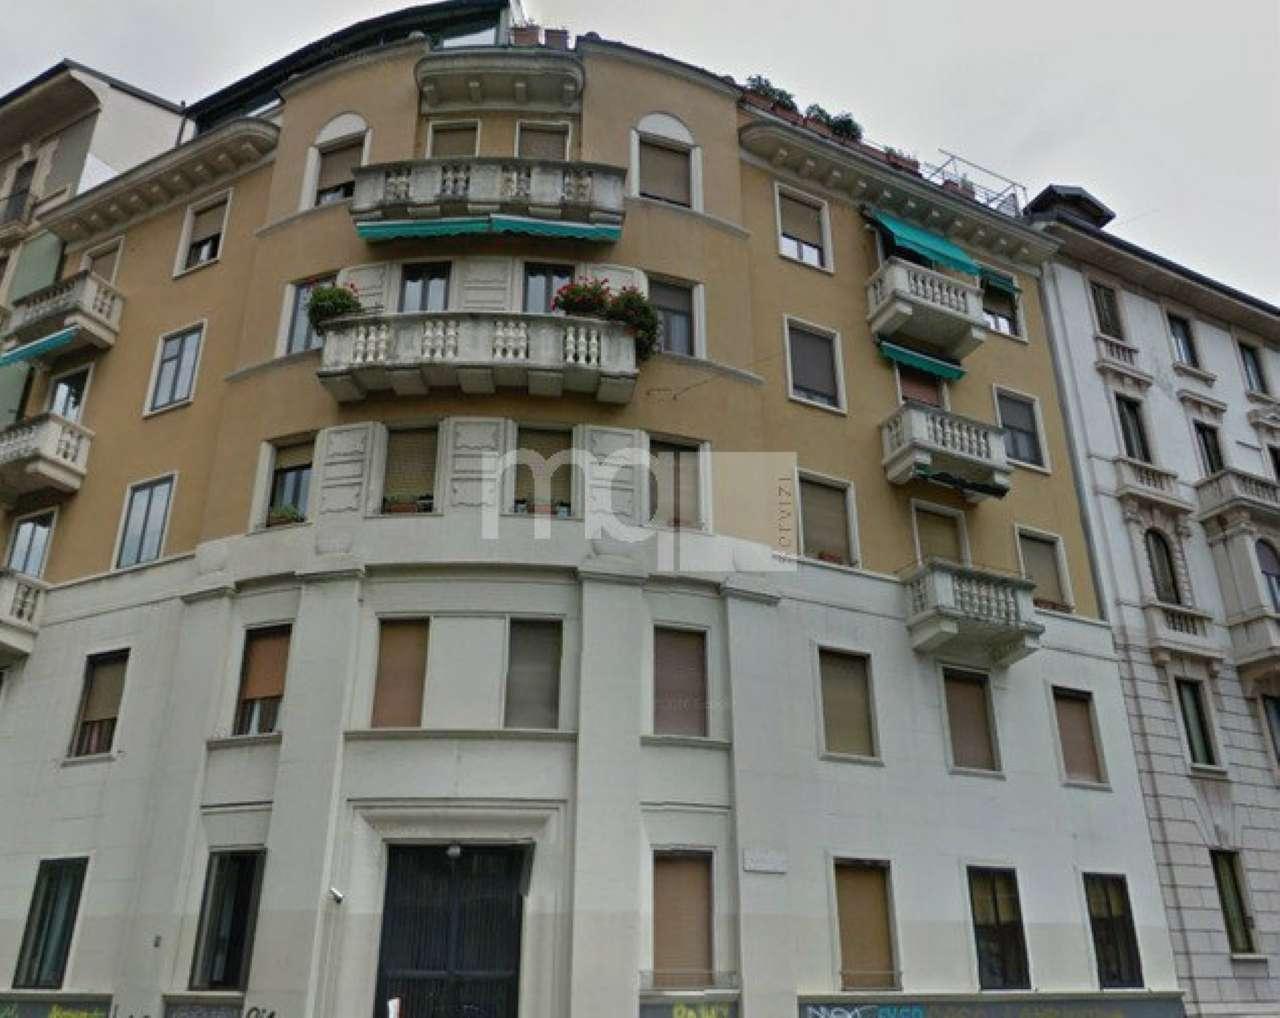 Appartamento in vendita a Milano, 4 locali, zona Zona: 5 . Citta' Studi, Lambrate, Udine, Loreto, Piola, Ortica, prezzo € 870.000 | CambioCasa.it